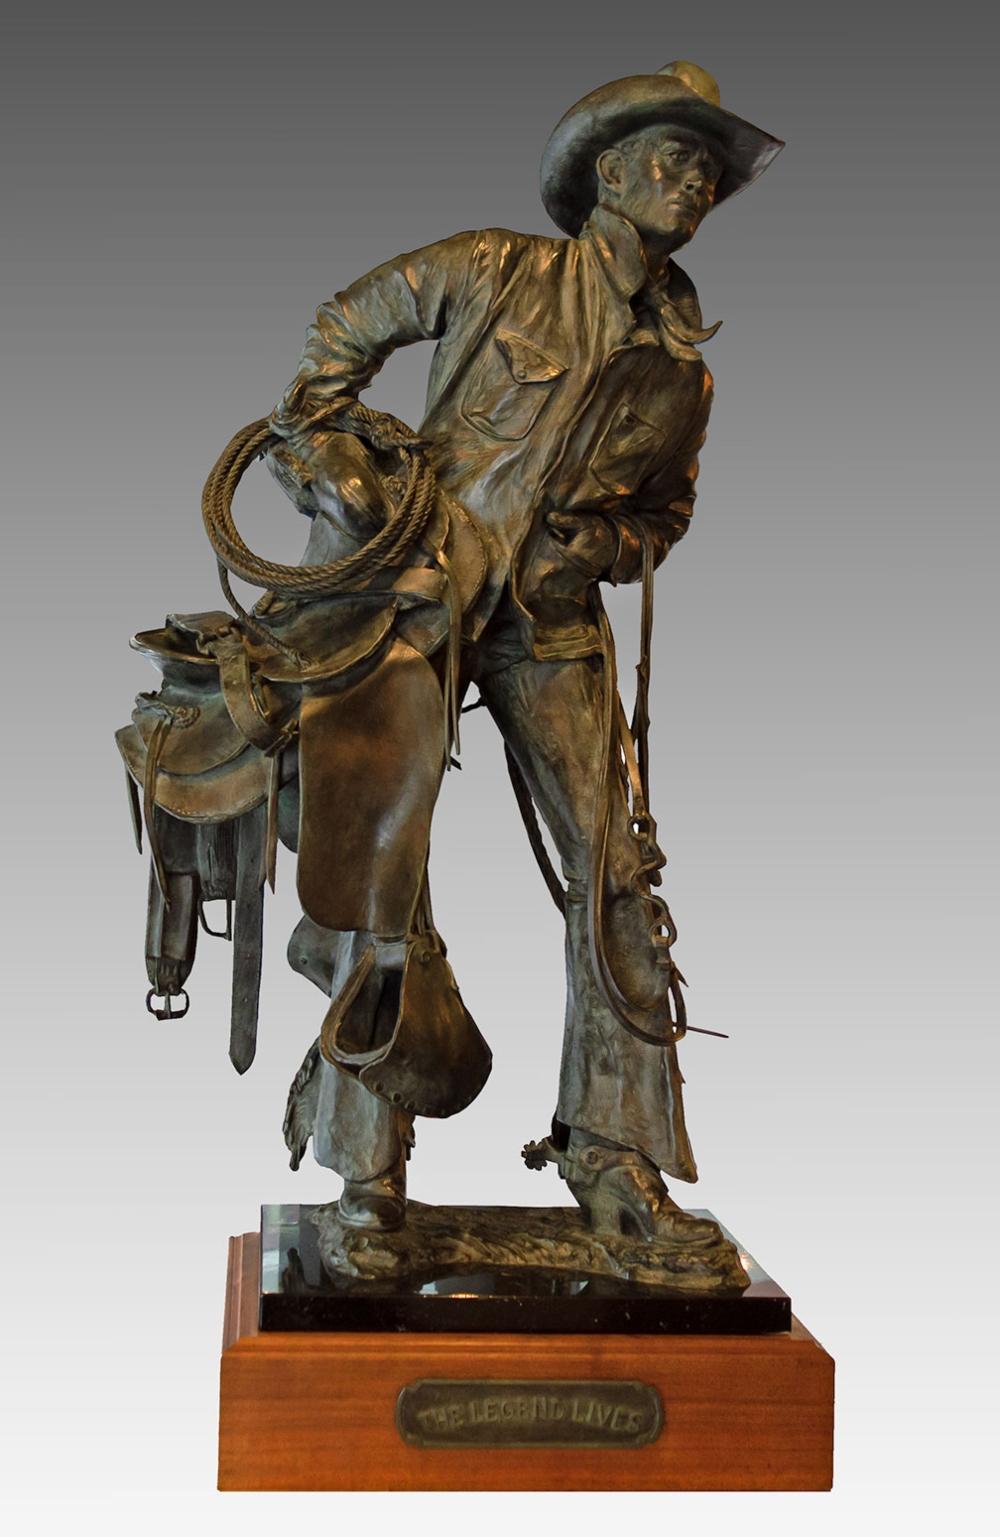 Nebeker Bill 1942 The Legend Lives Bronze 12 36 X 18 X 15